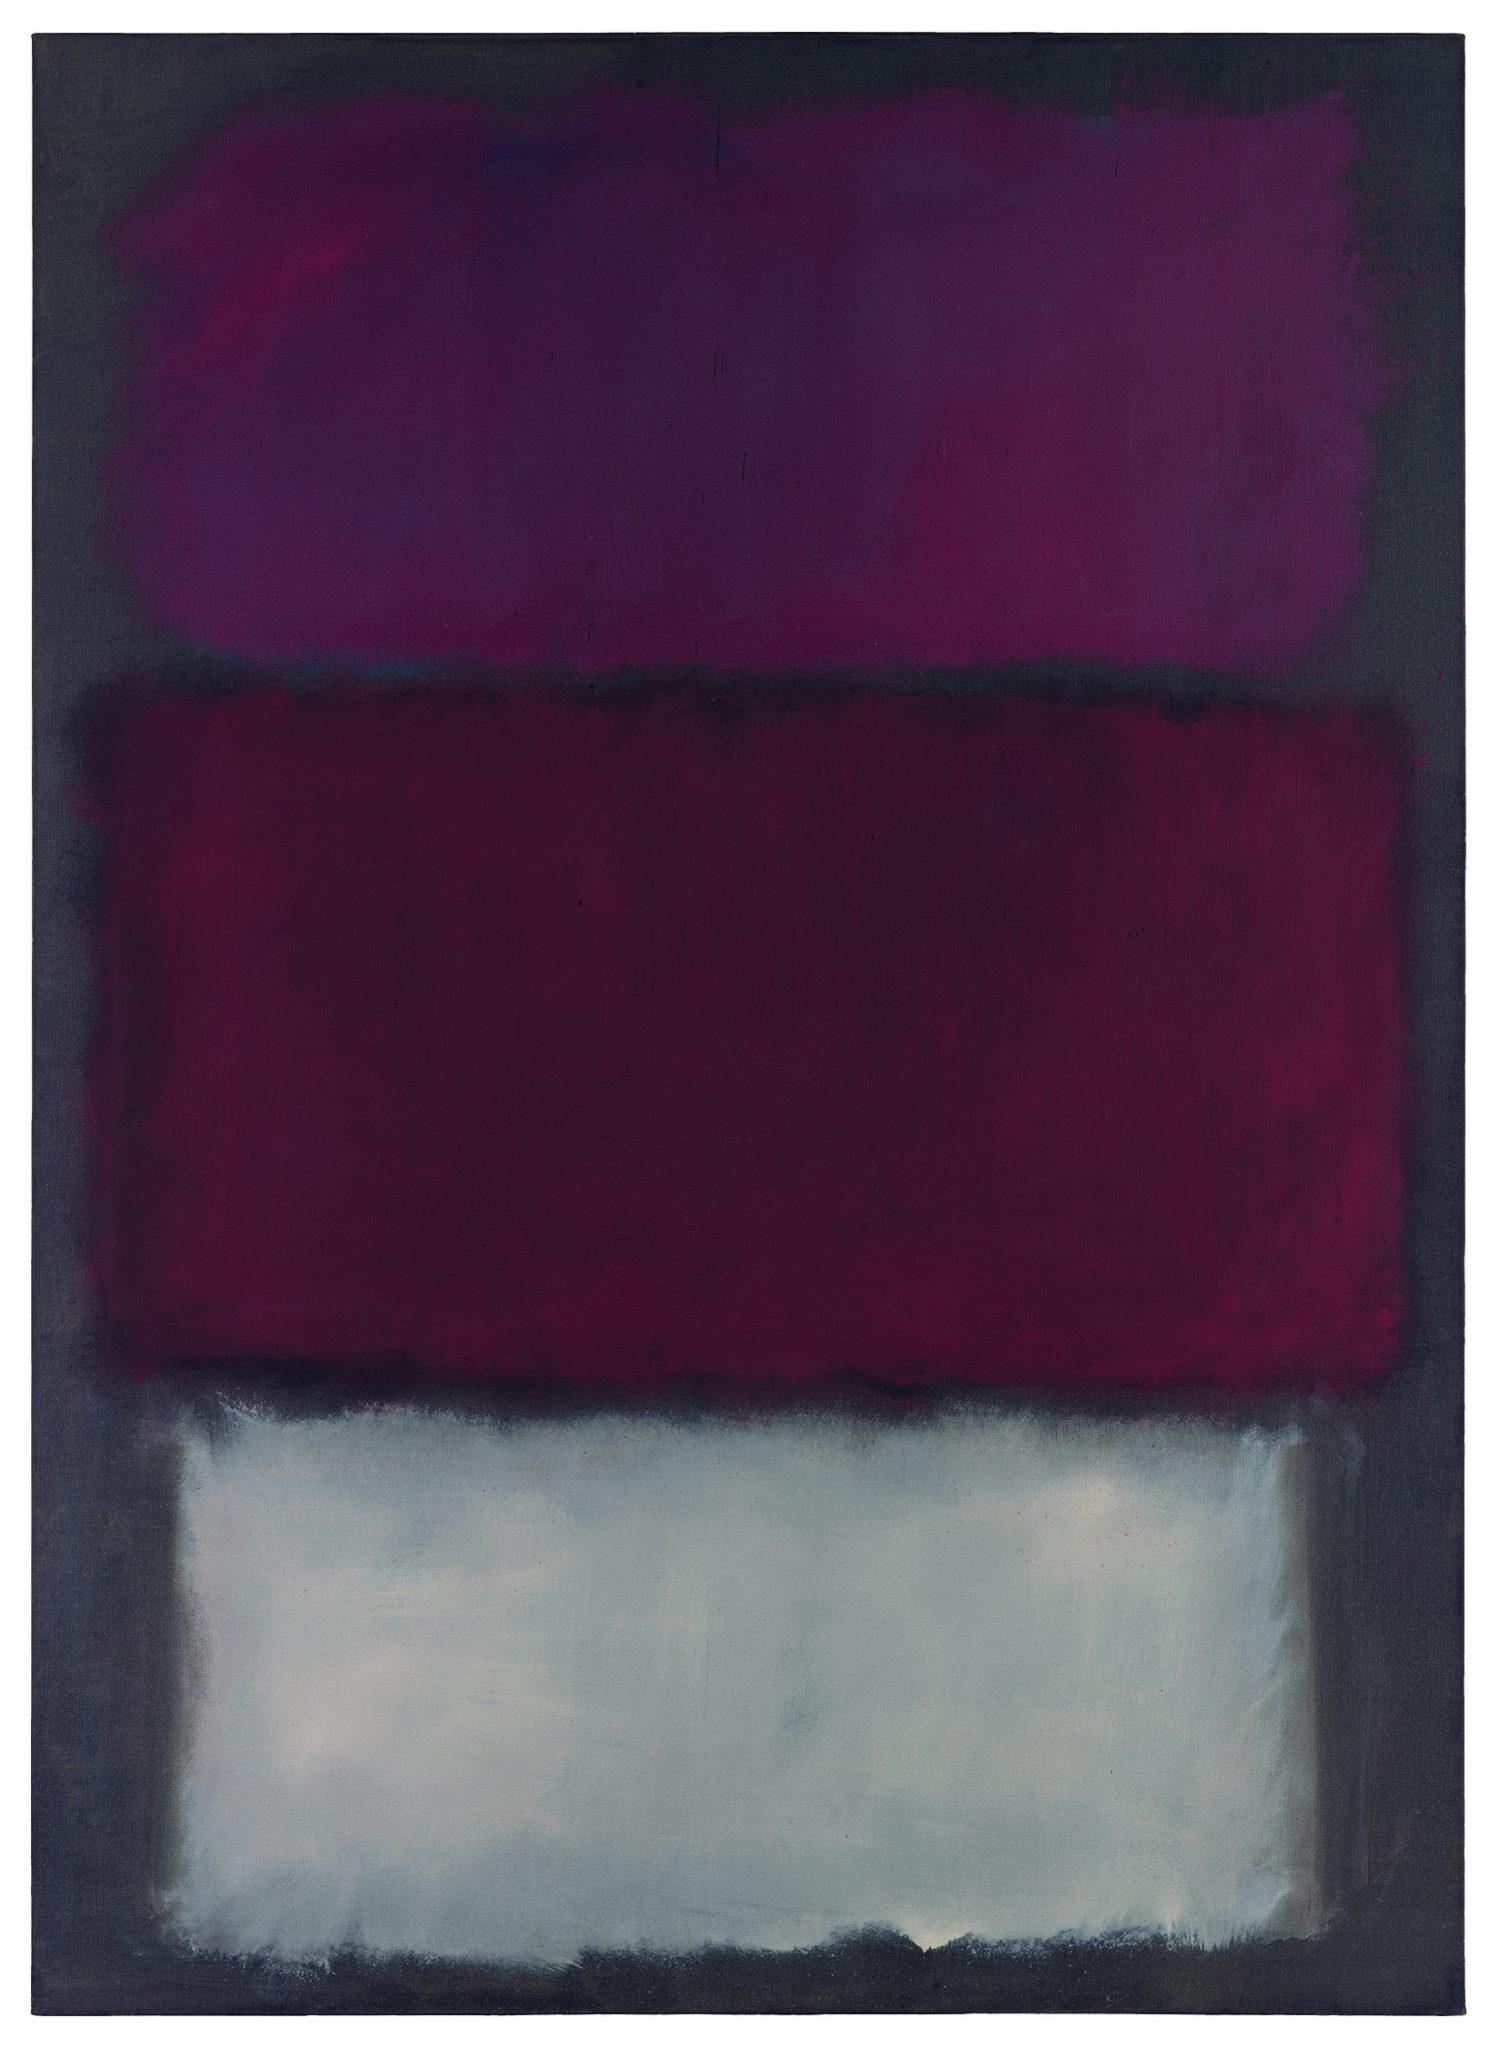 Il Rothko del SFMoMA in asta da Sotheby's a maggio a 35-50 milioni $